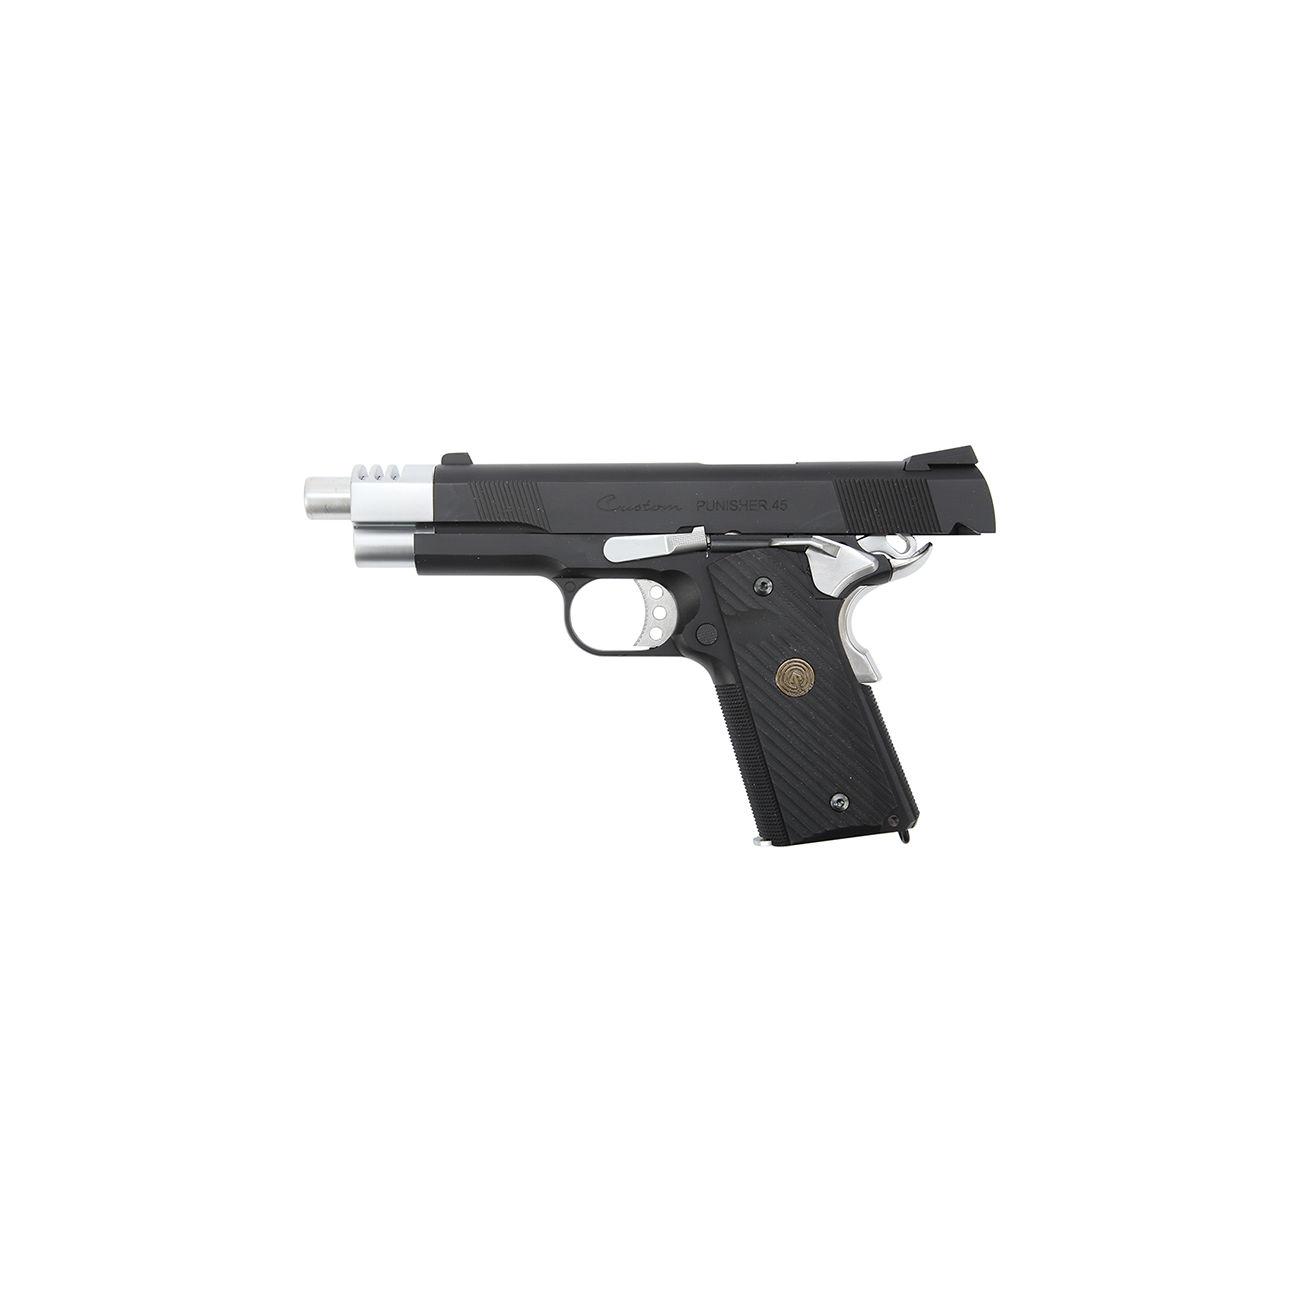 Socom Gear Punisher 1911 Vollmetall GBB inkl  Pistolenkoffer